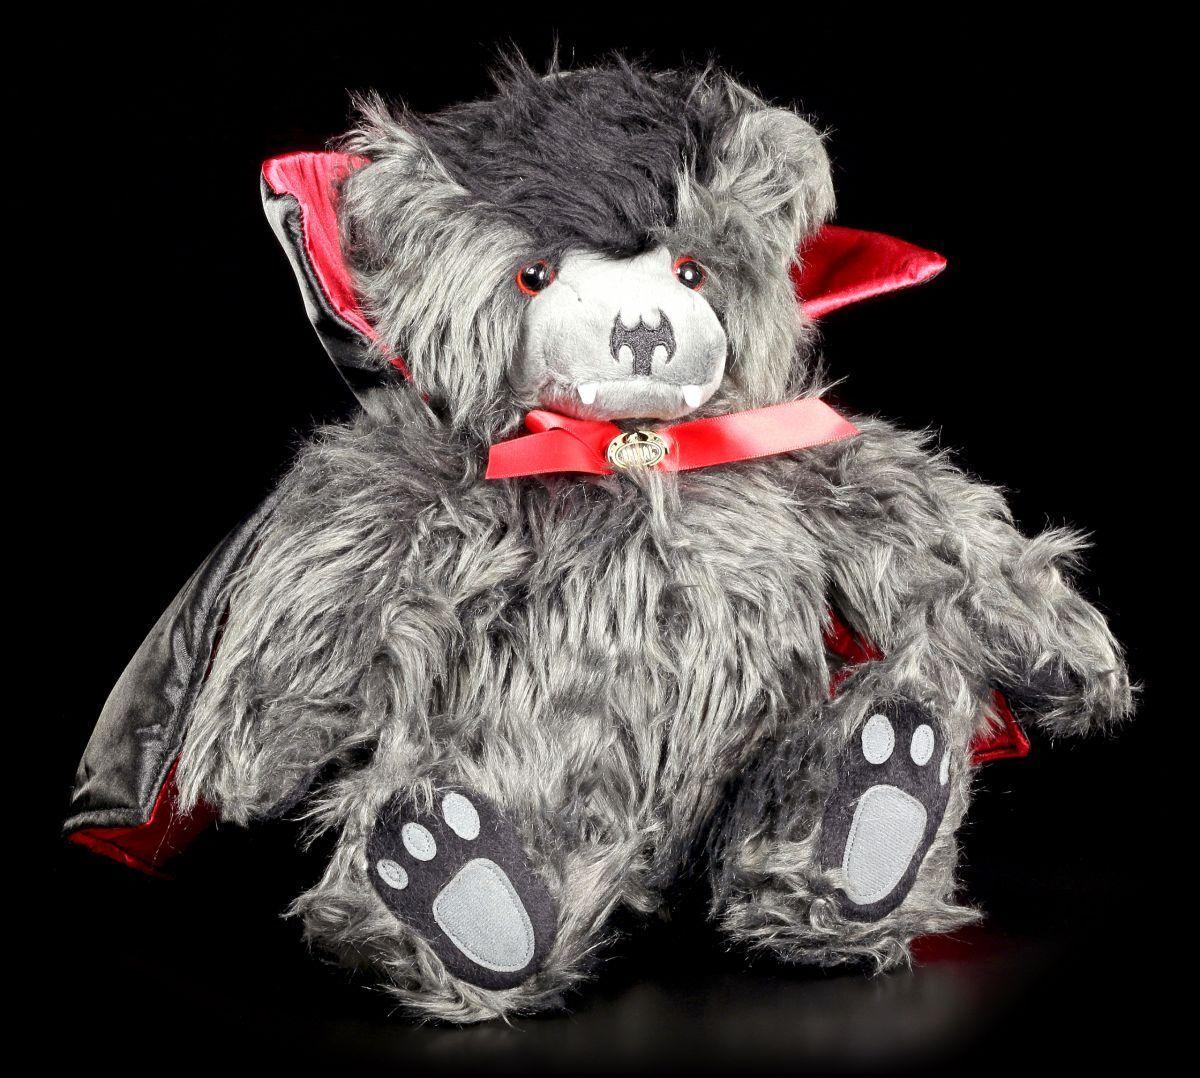 Plüschteddy Vampir - Ted the Impaler - Mit Rucksack - Spiral Gothic Bär Tier